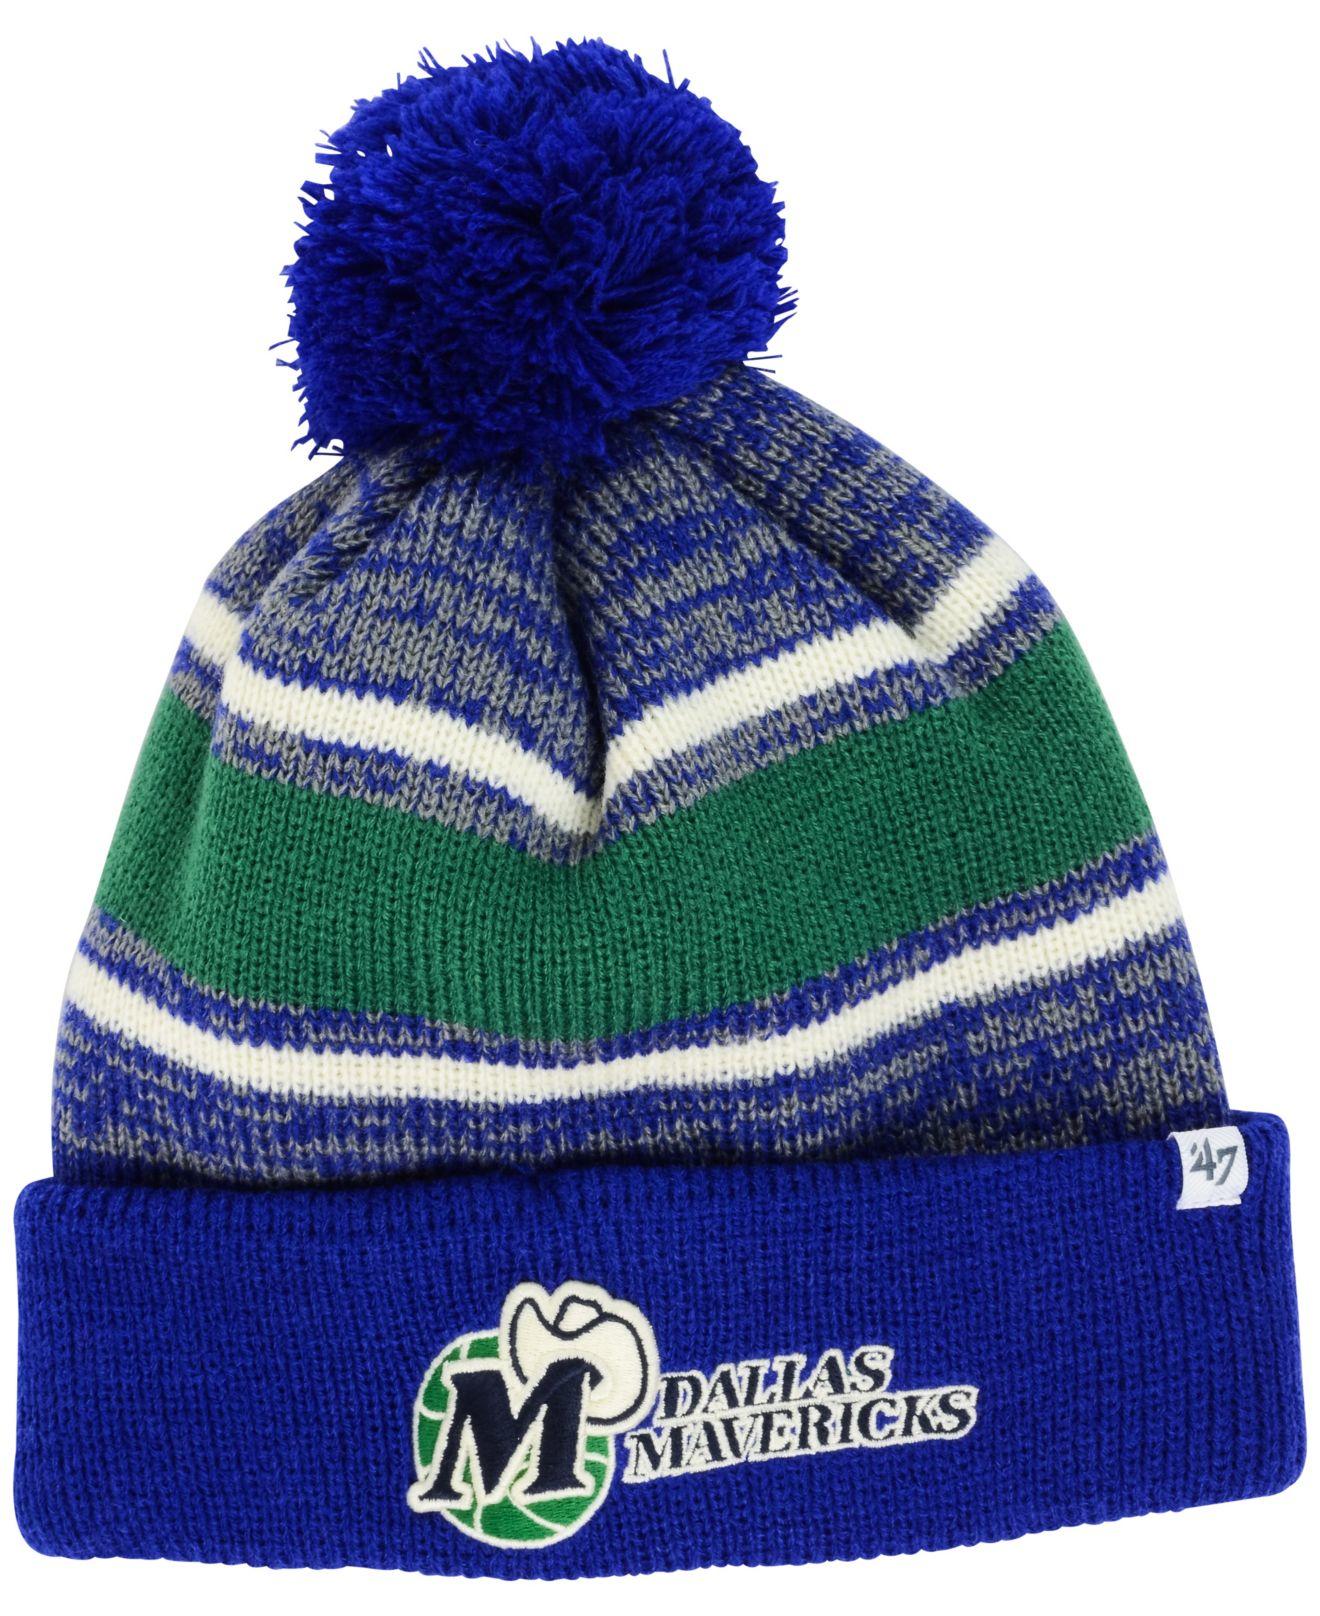 ... germany lyst 47 brand dallas mavericks fairfax knit hat in green for  men 34e38 9cfa9 e88387fab51